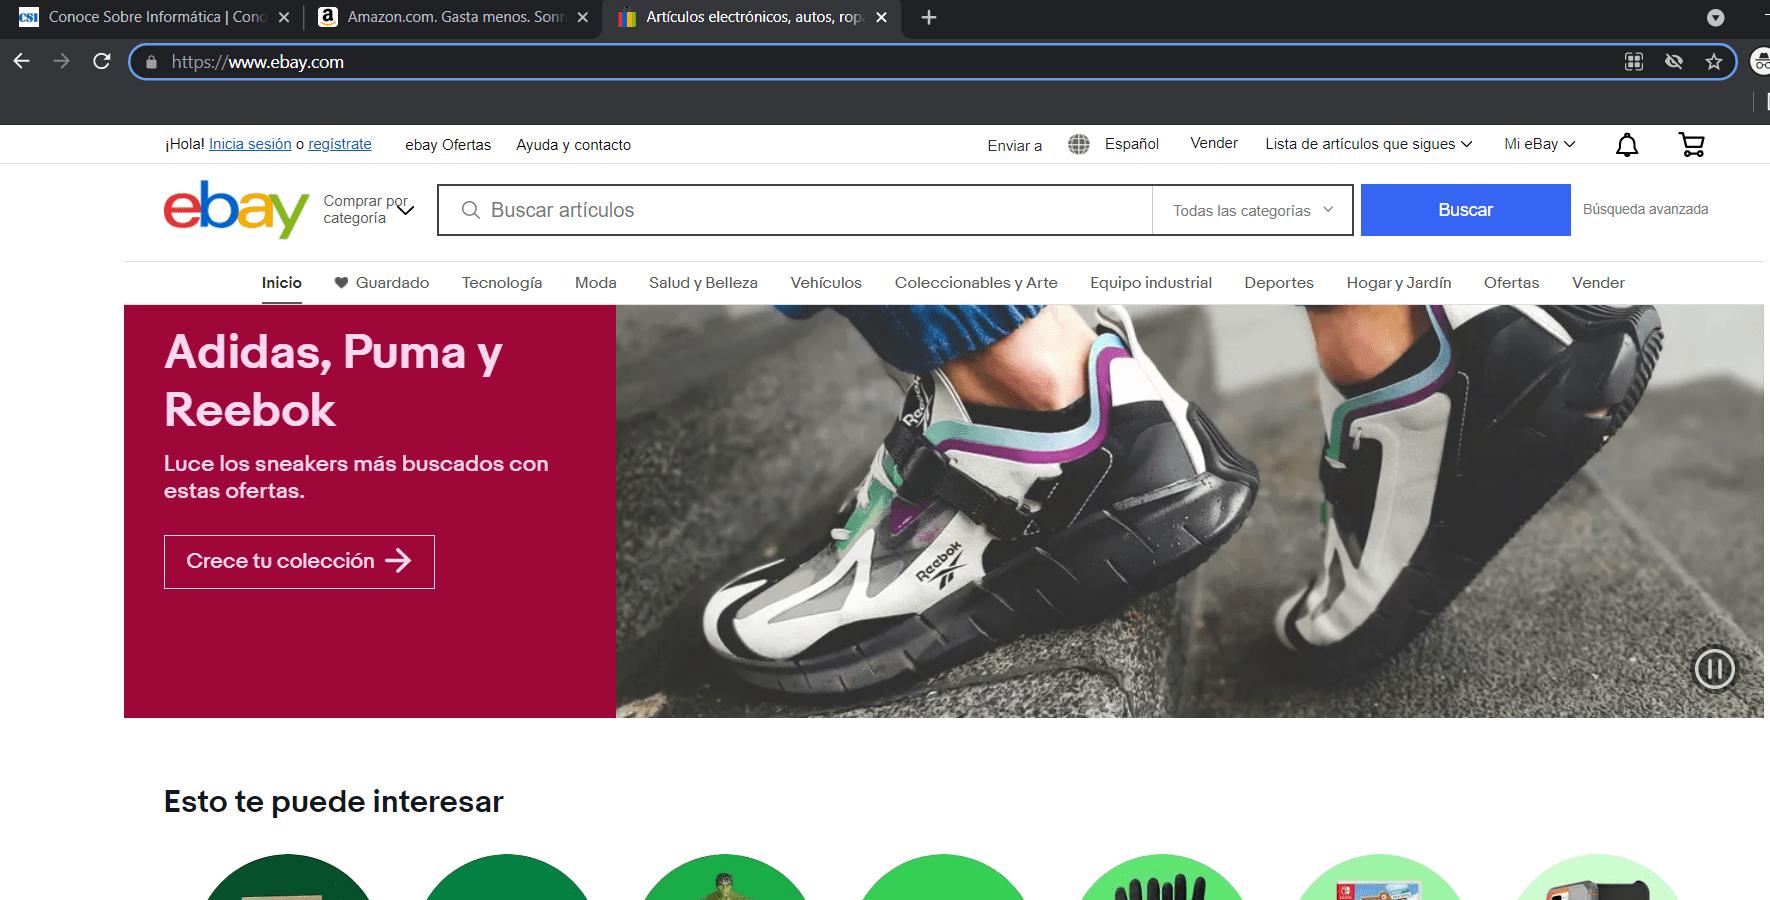 Cómo saber si una página web es confiable para comprar en línea 3